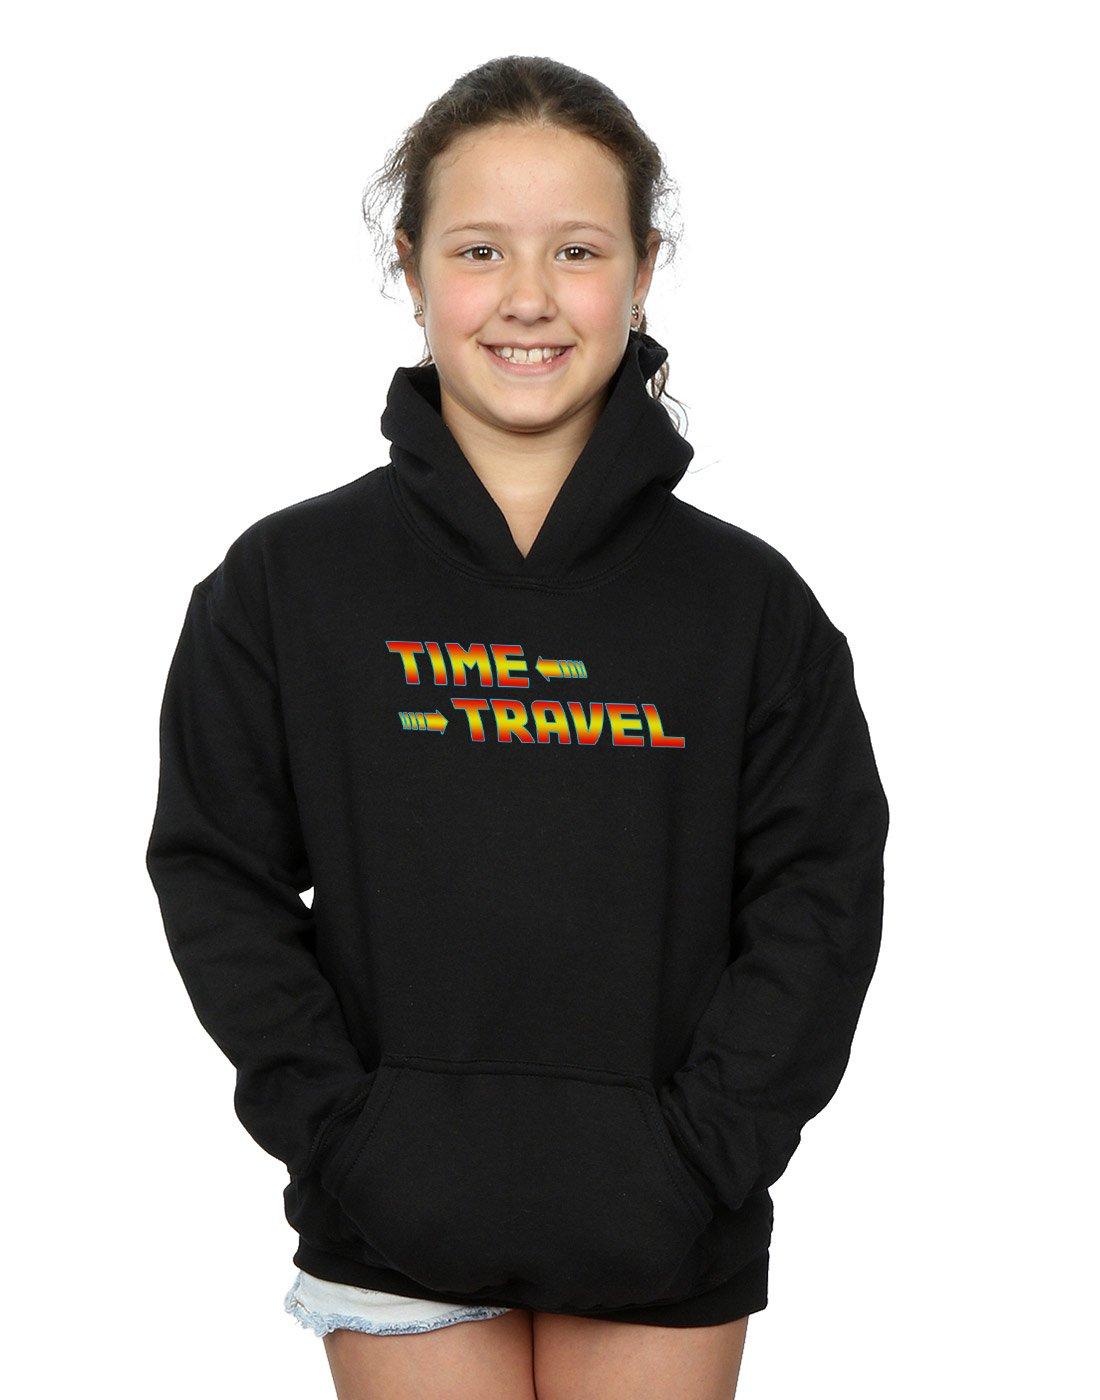 Drewbacca Girls Future Travel Hoodie Black 5-6 Years